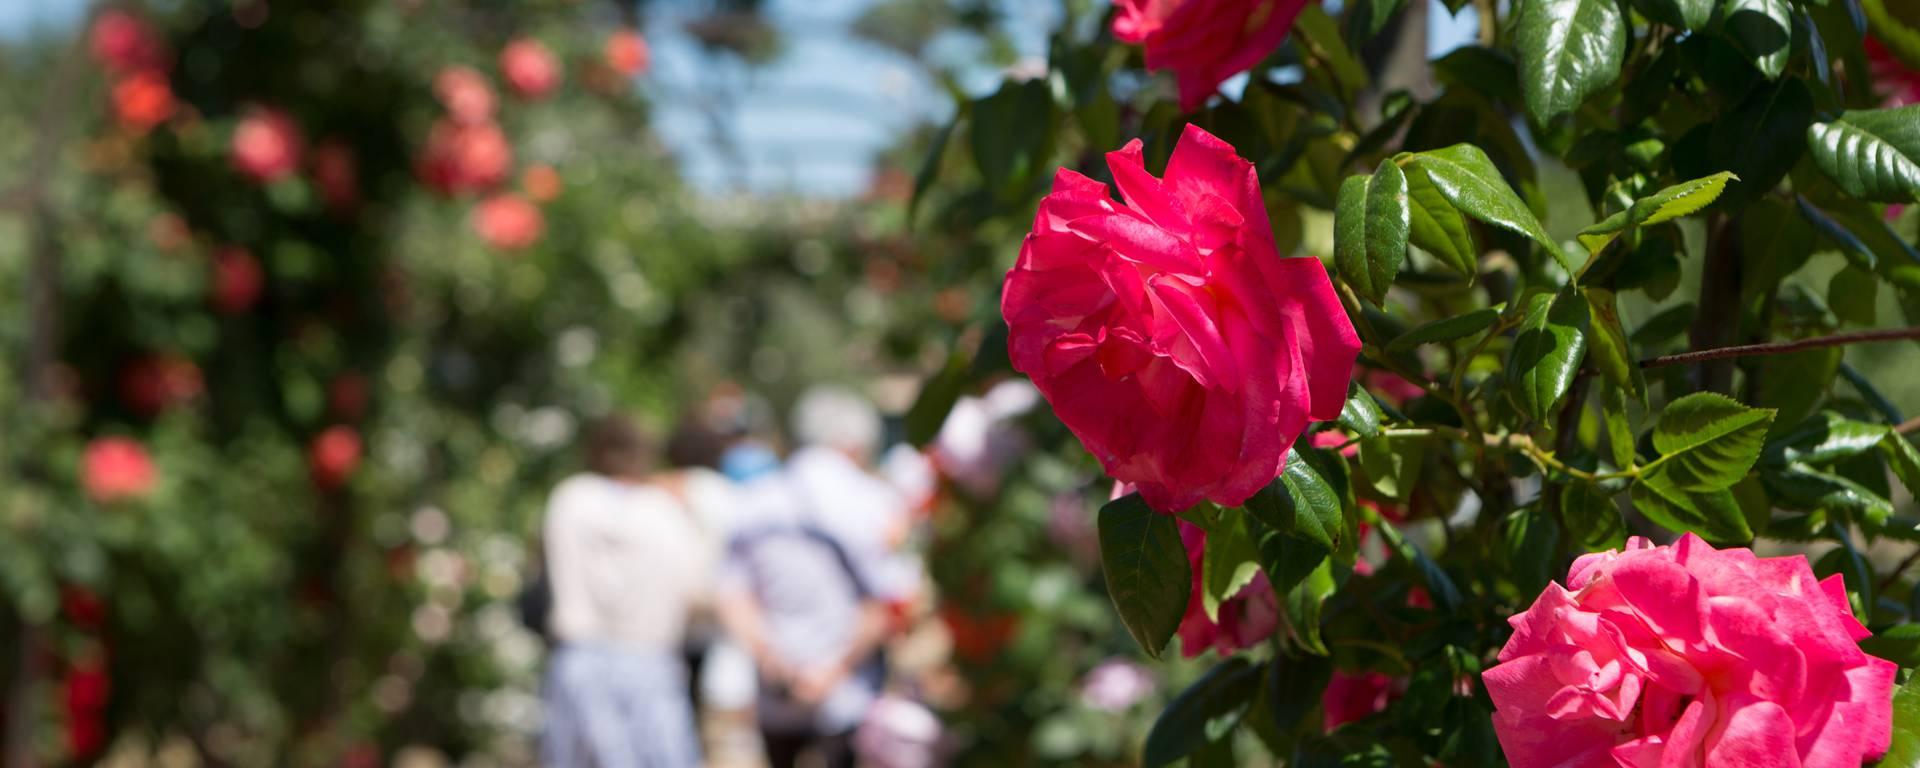 La Roseraie de la Villa Eilenroc ©Mairie d'Antibes - J. Bayle